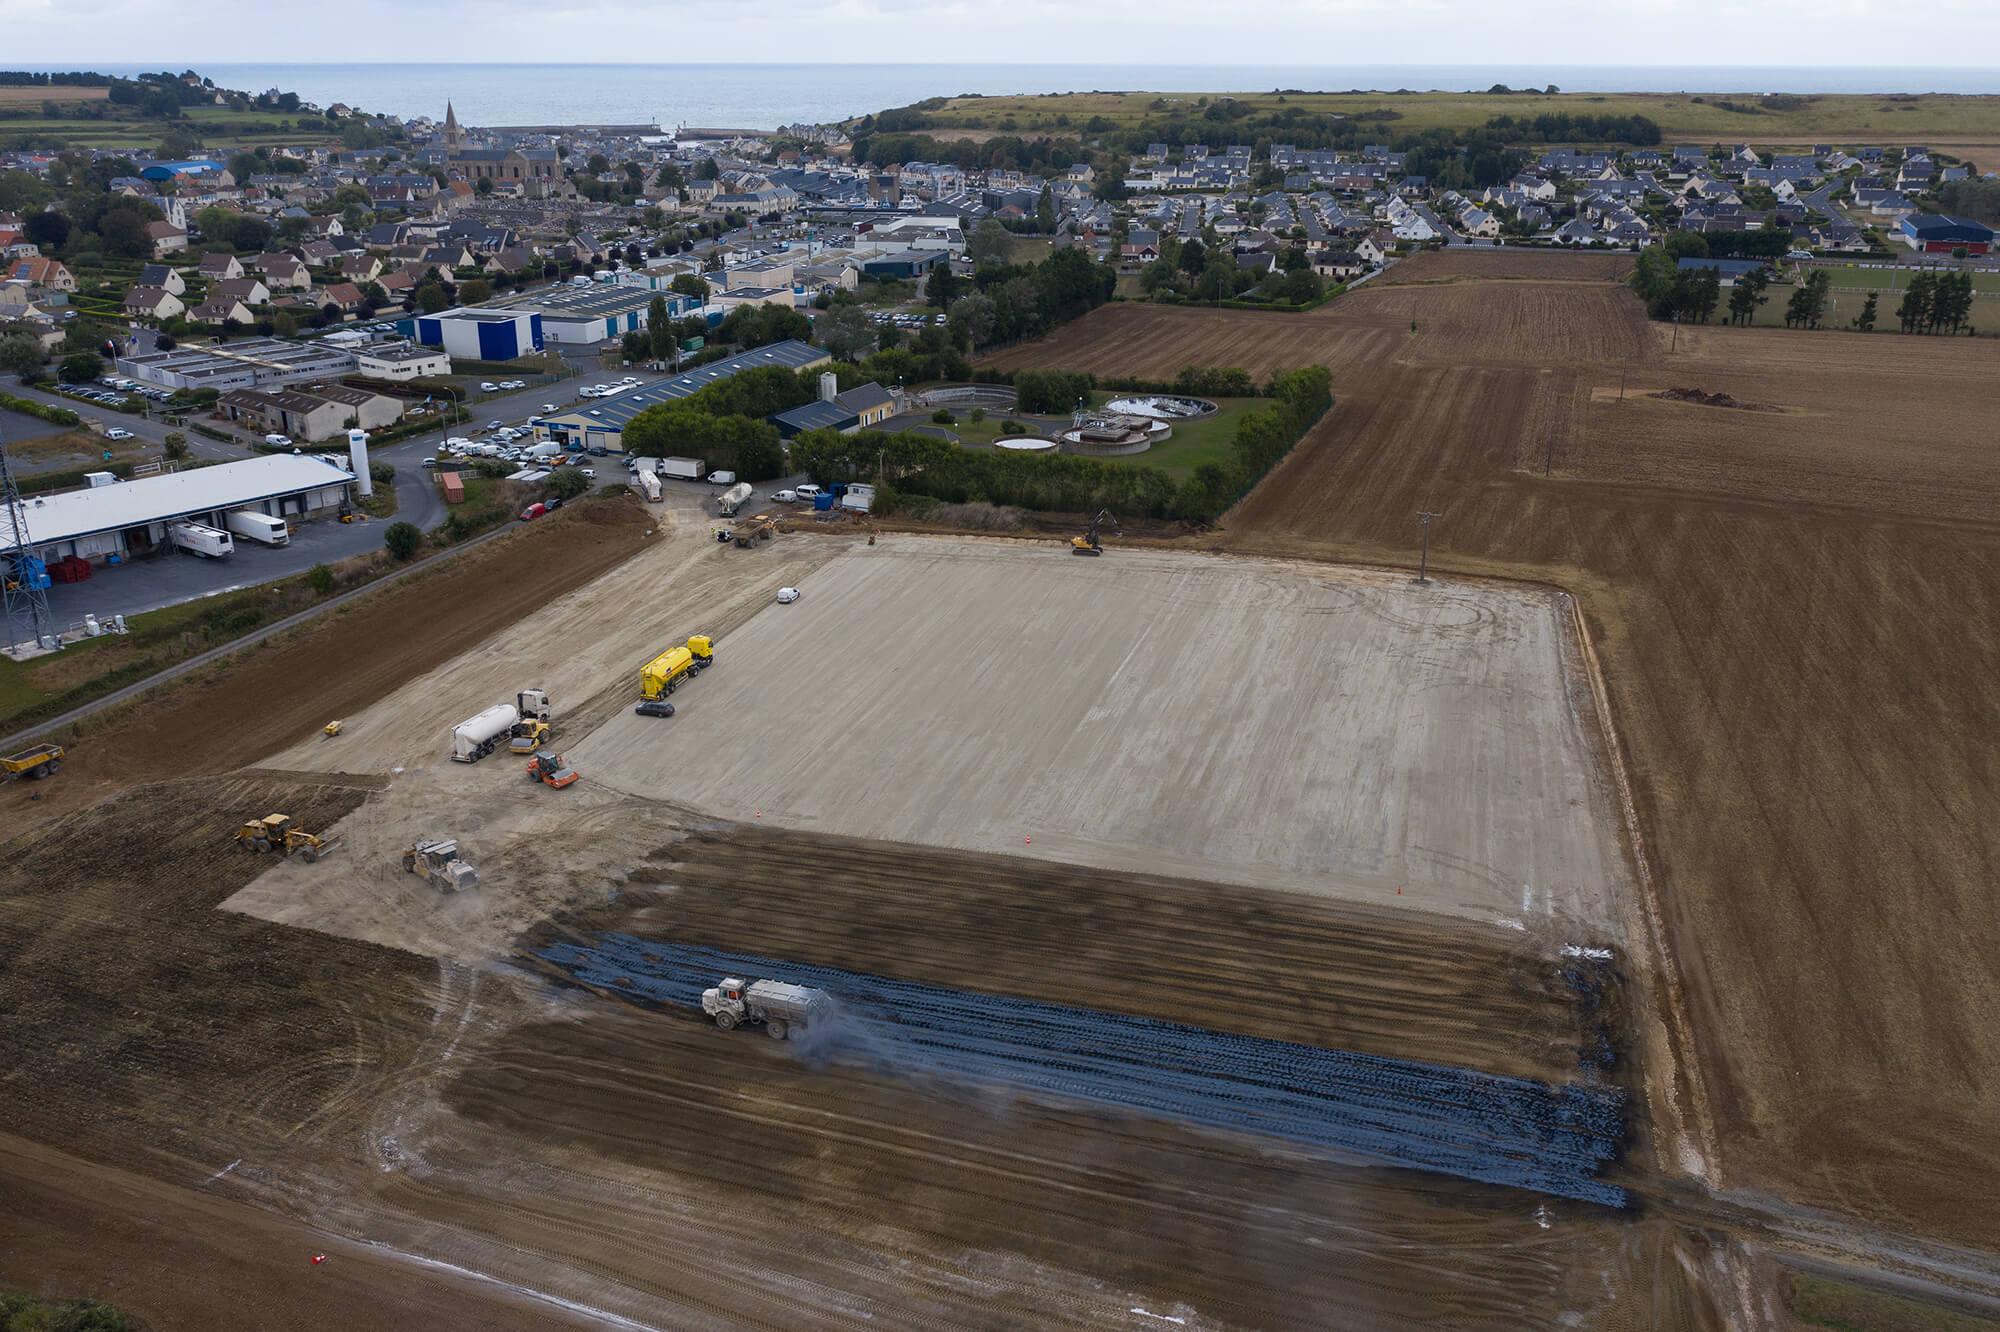 Mastell chantier Port en Bessin sept 2019 (7)